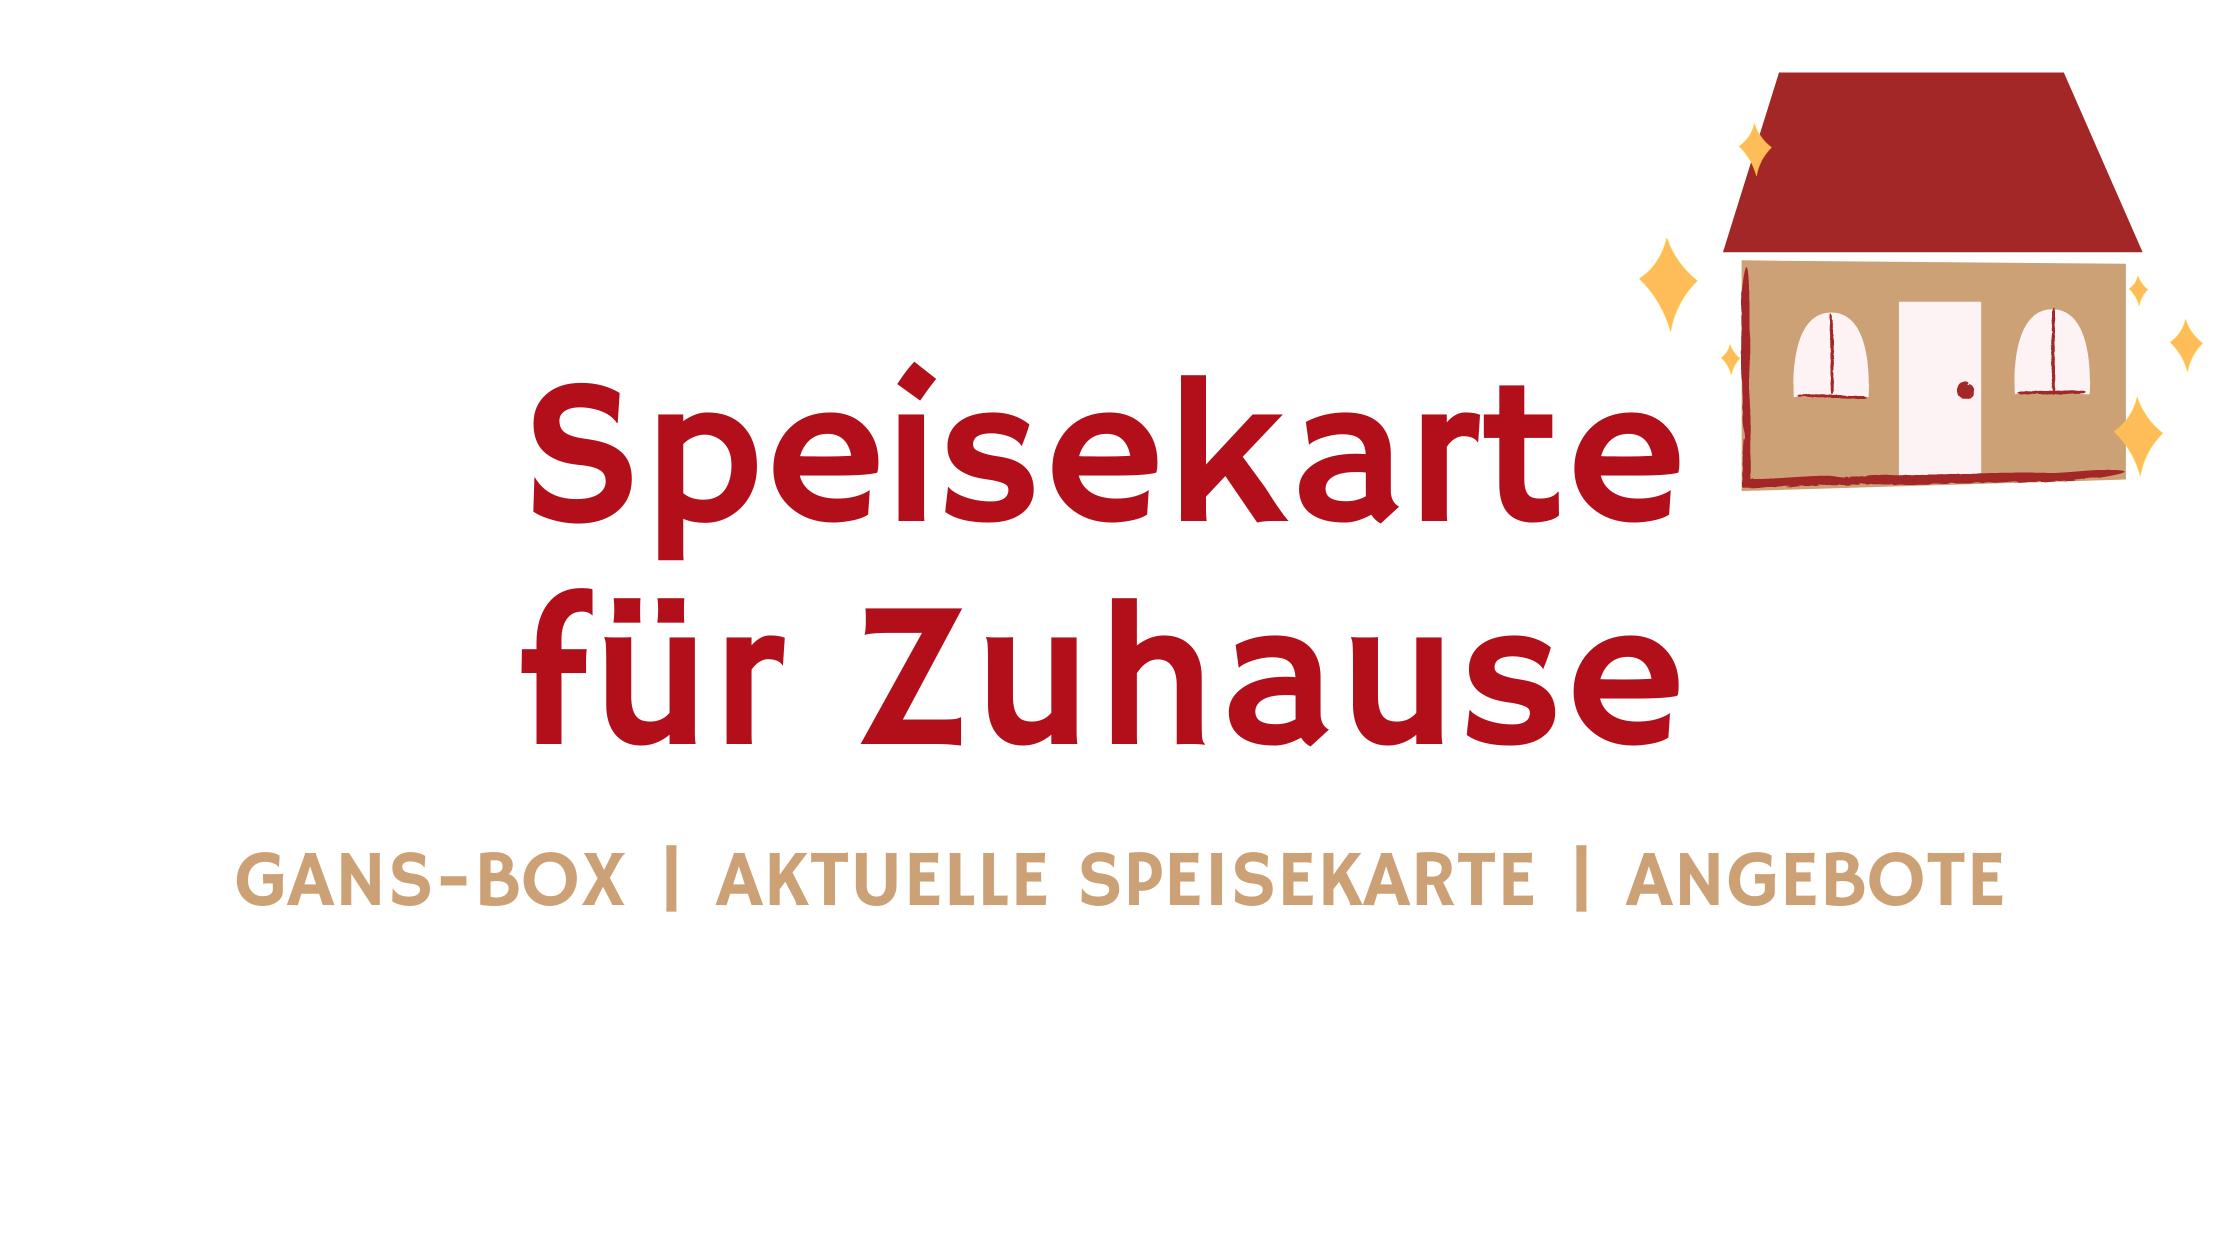 Speisekarte für Zuhause Aktuelles Brauner Hirsch Waller